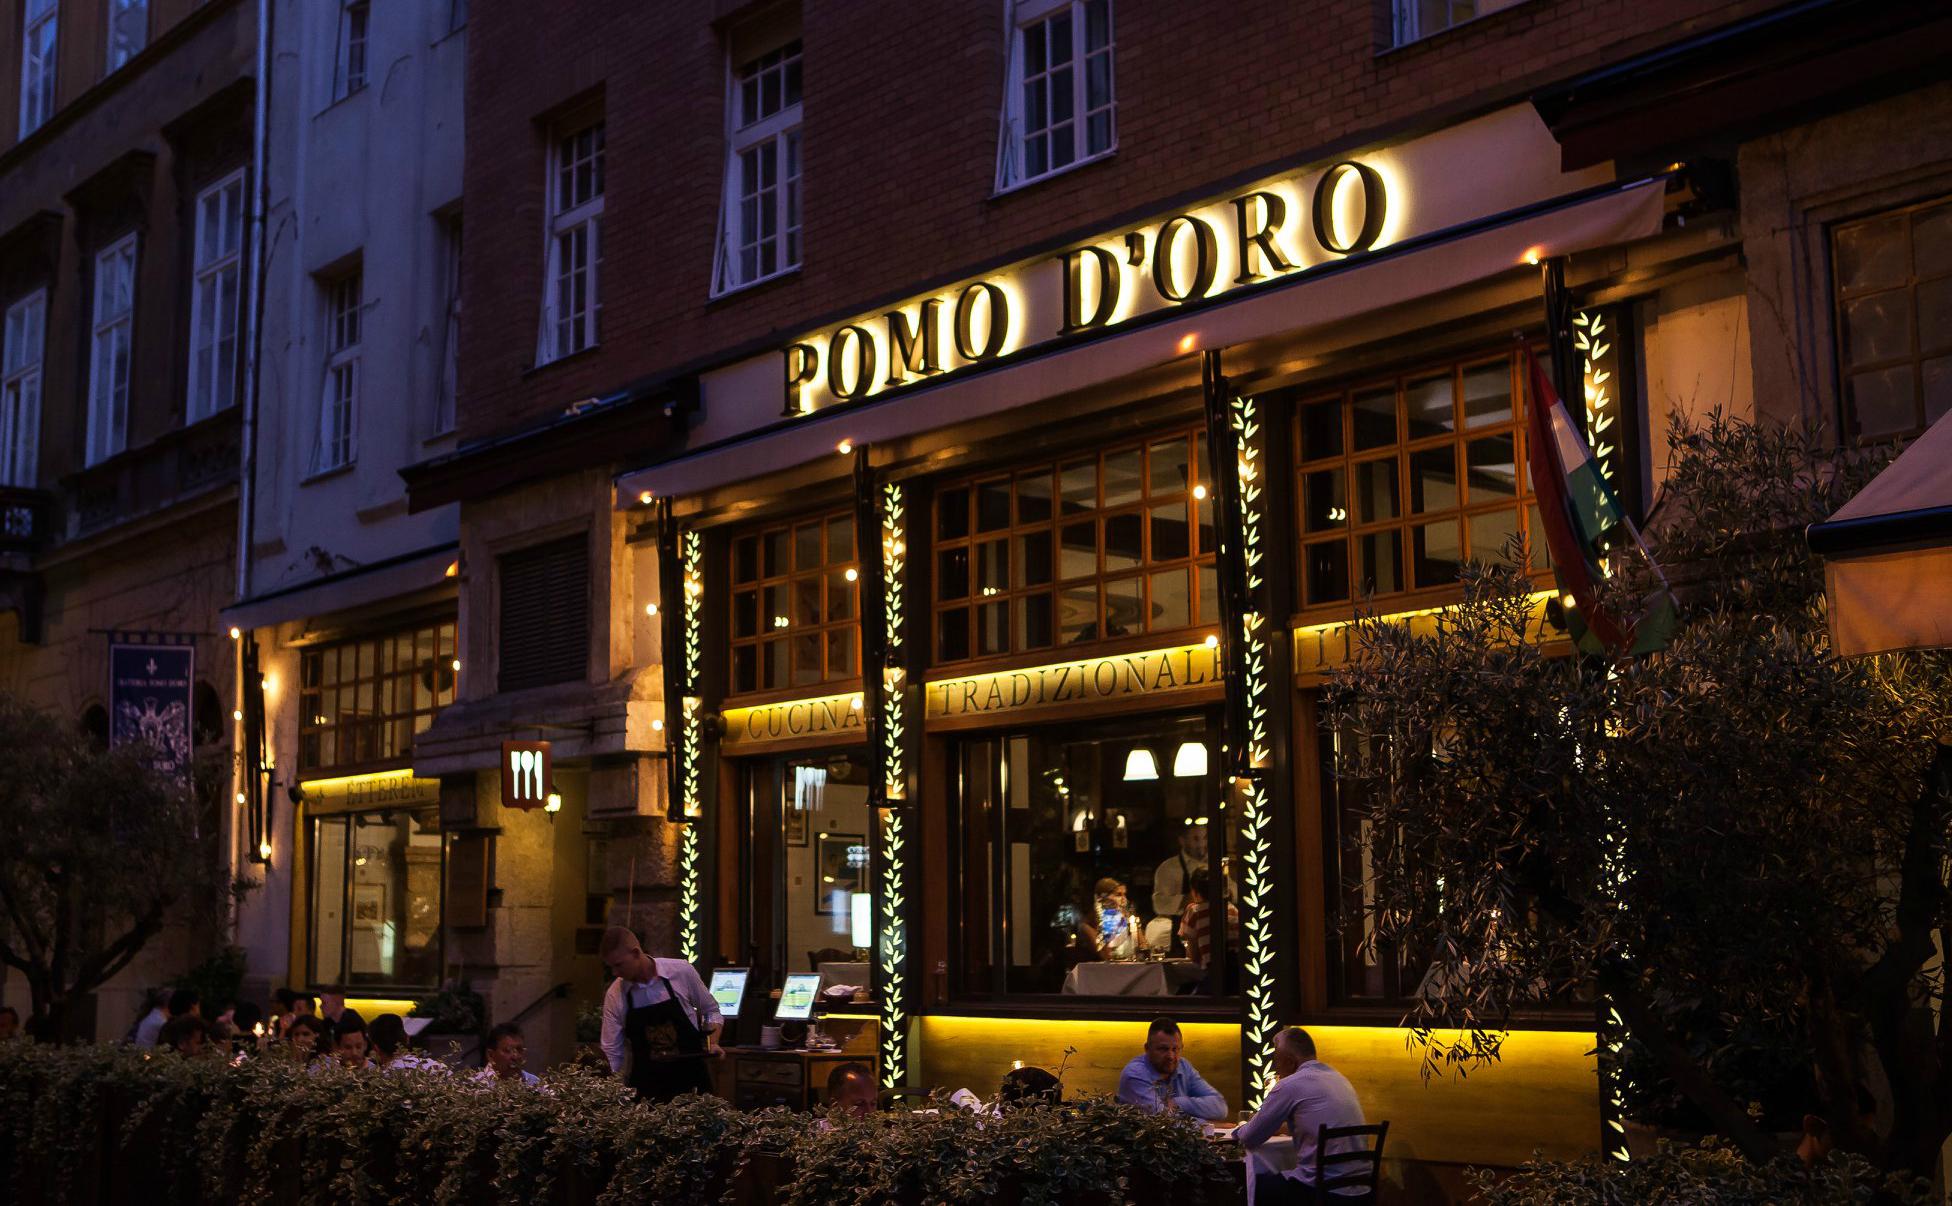 מסעדה איטלקית בודפשט מסעדת פומודורו